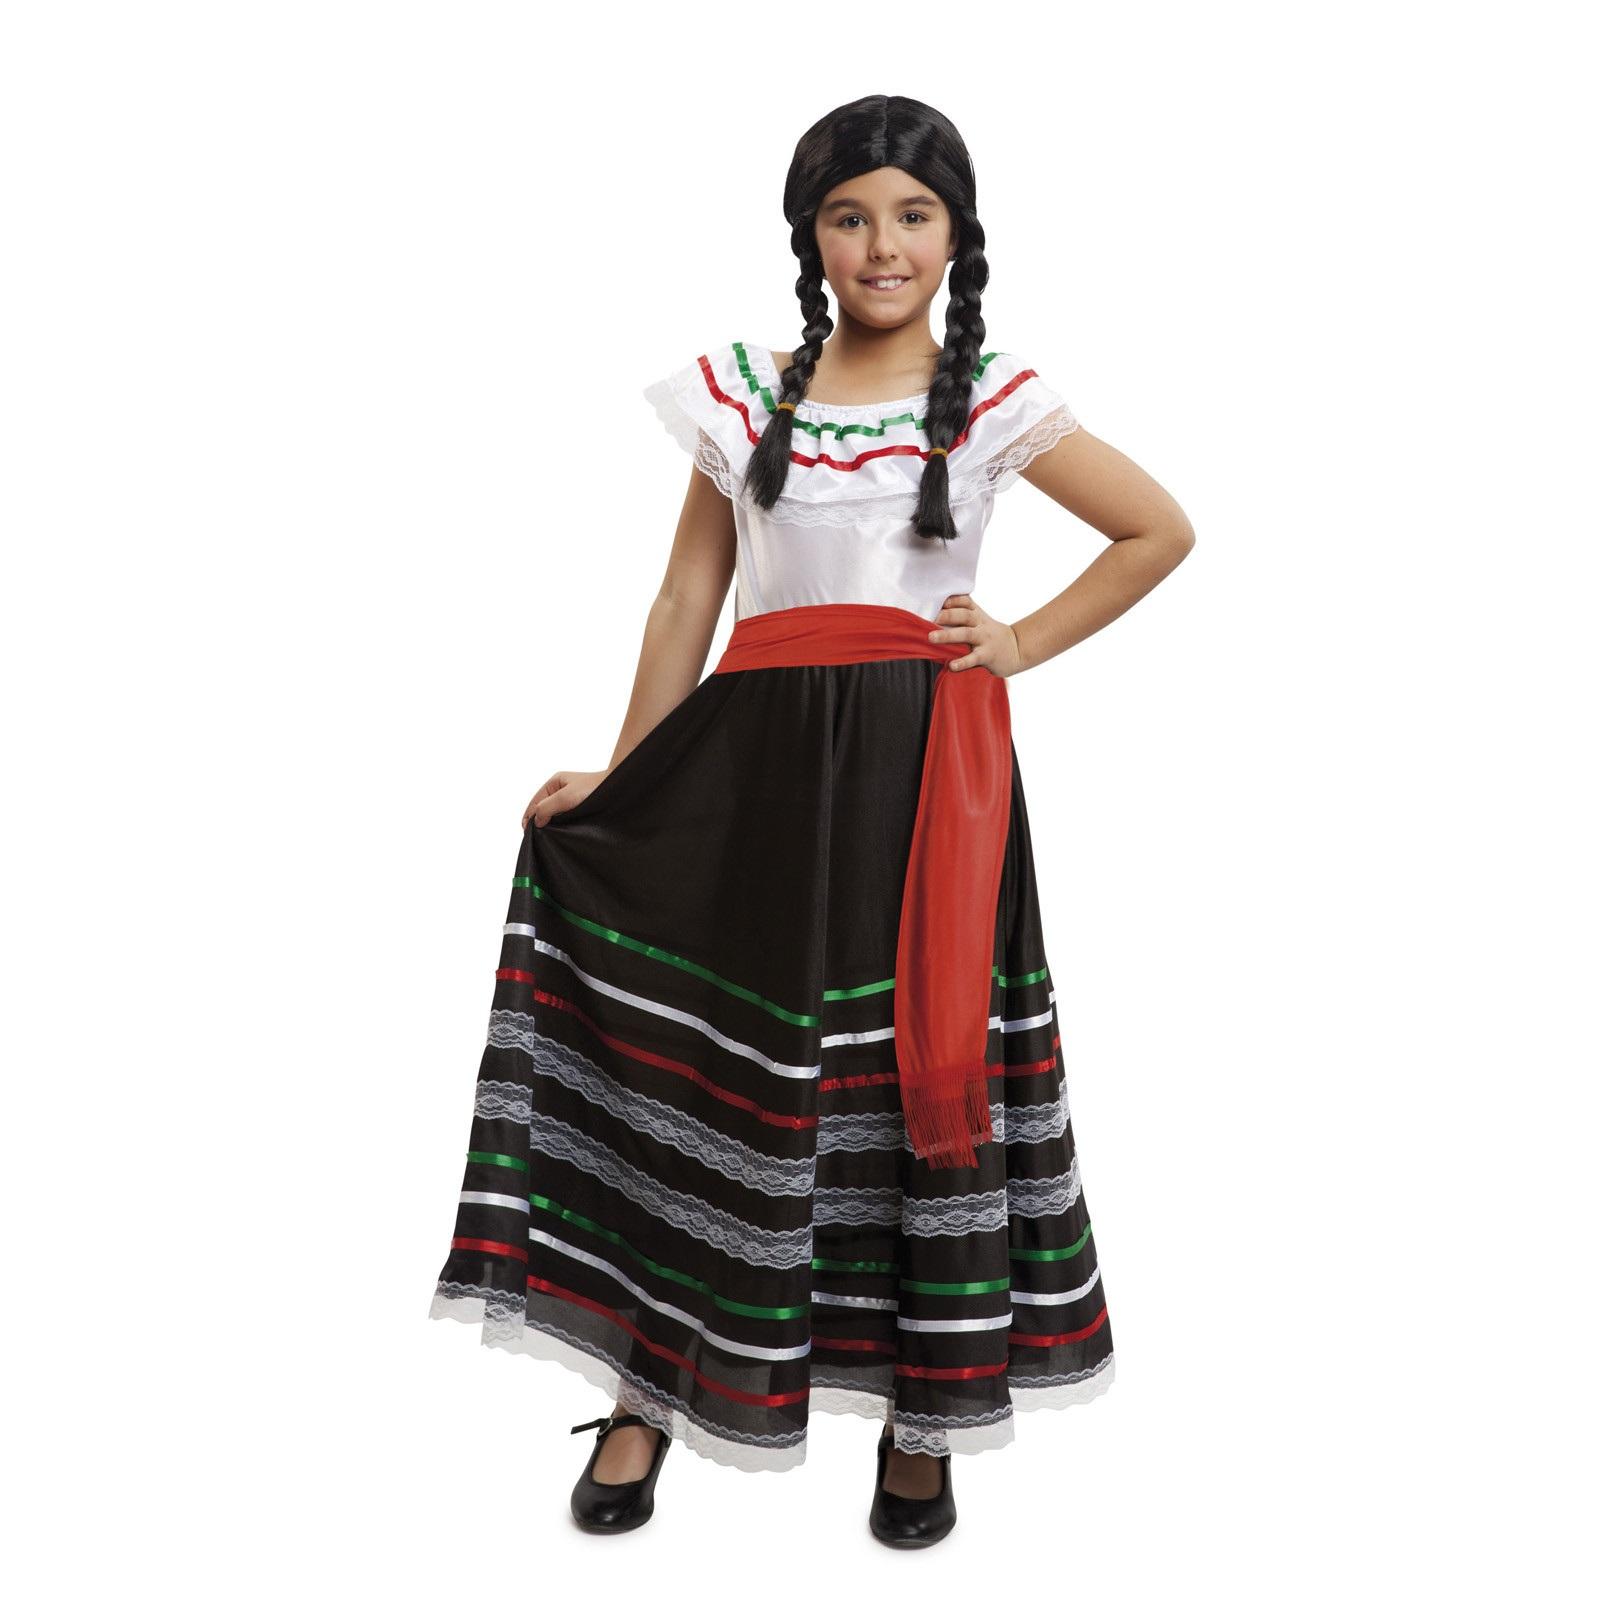 disfraz de mejicana niña 203320mom - DISFRAZ DE MEJICANA NIÑA